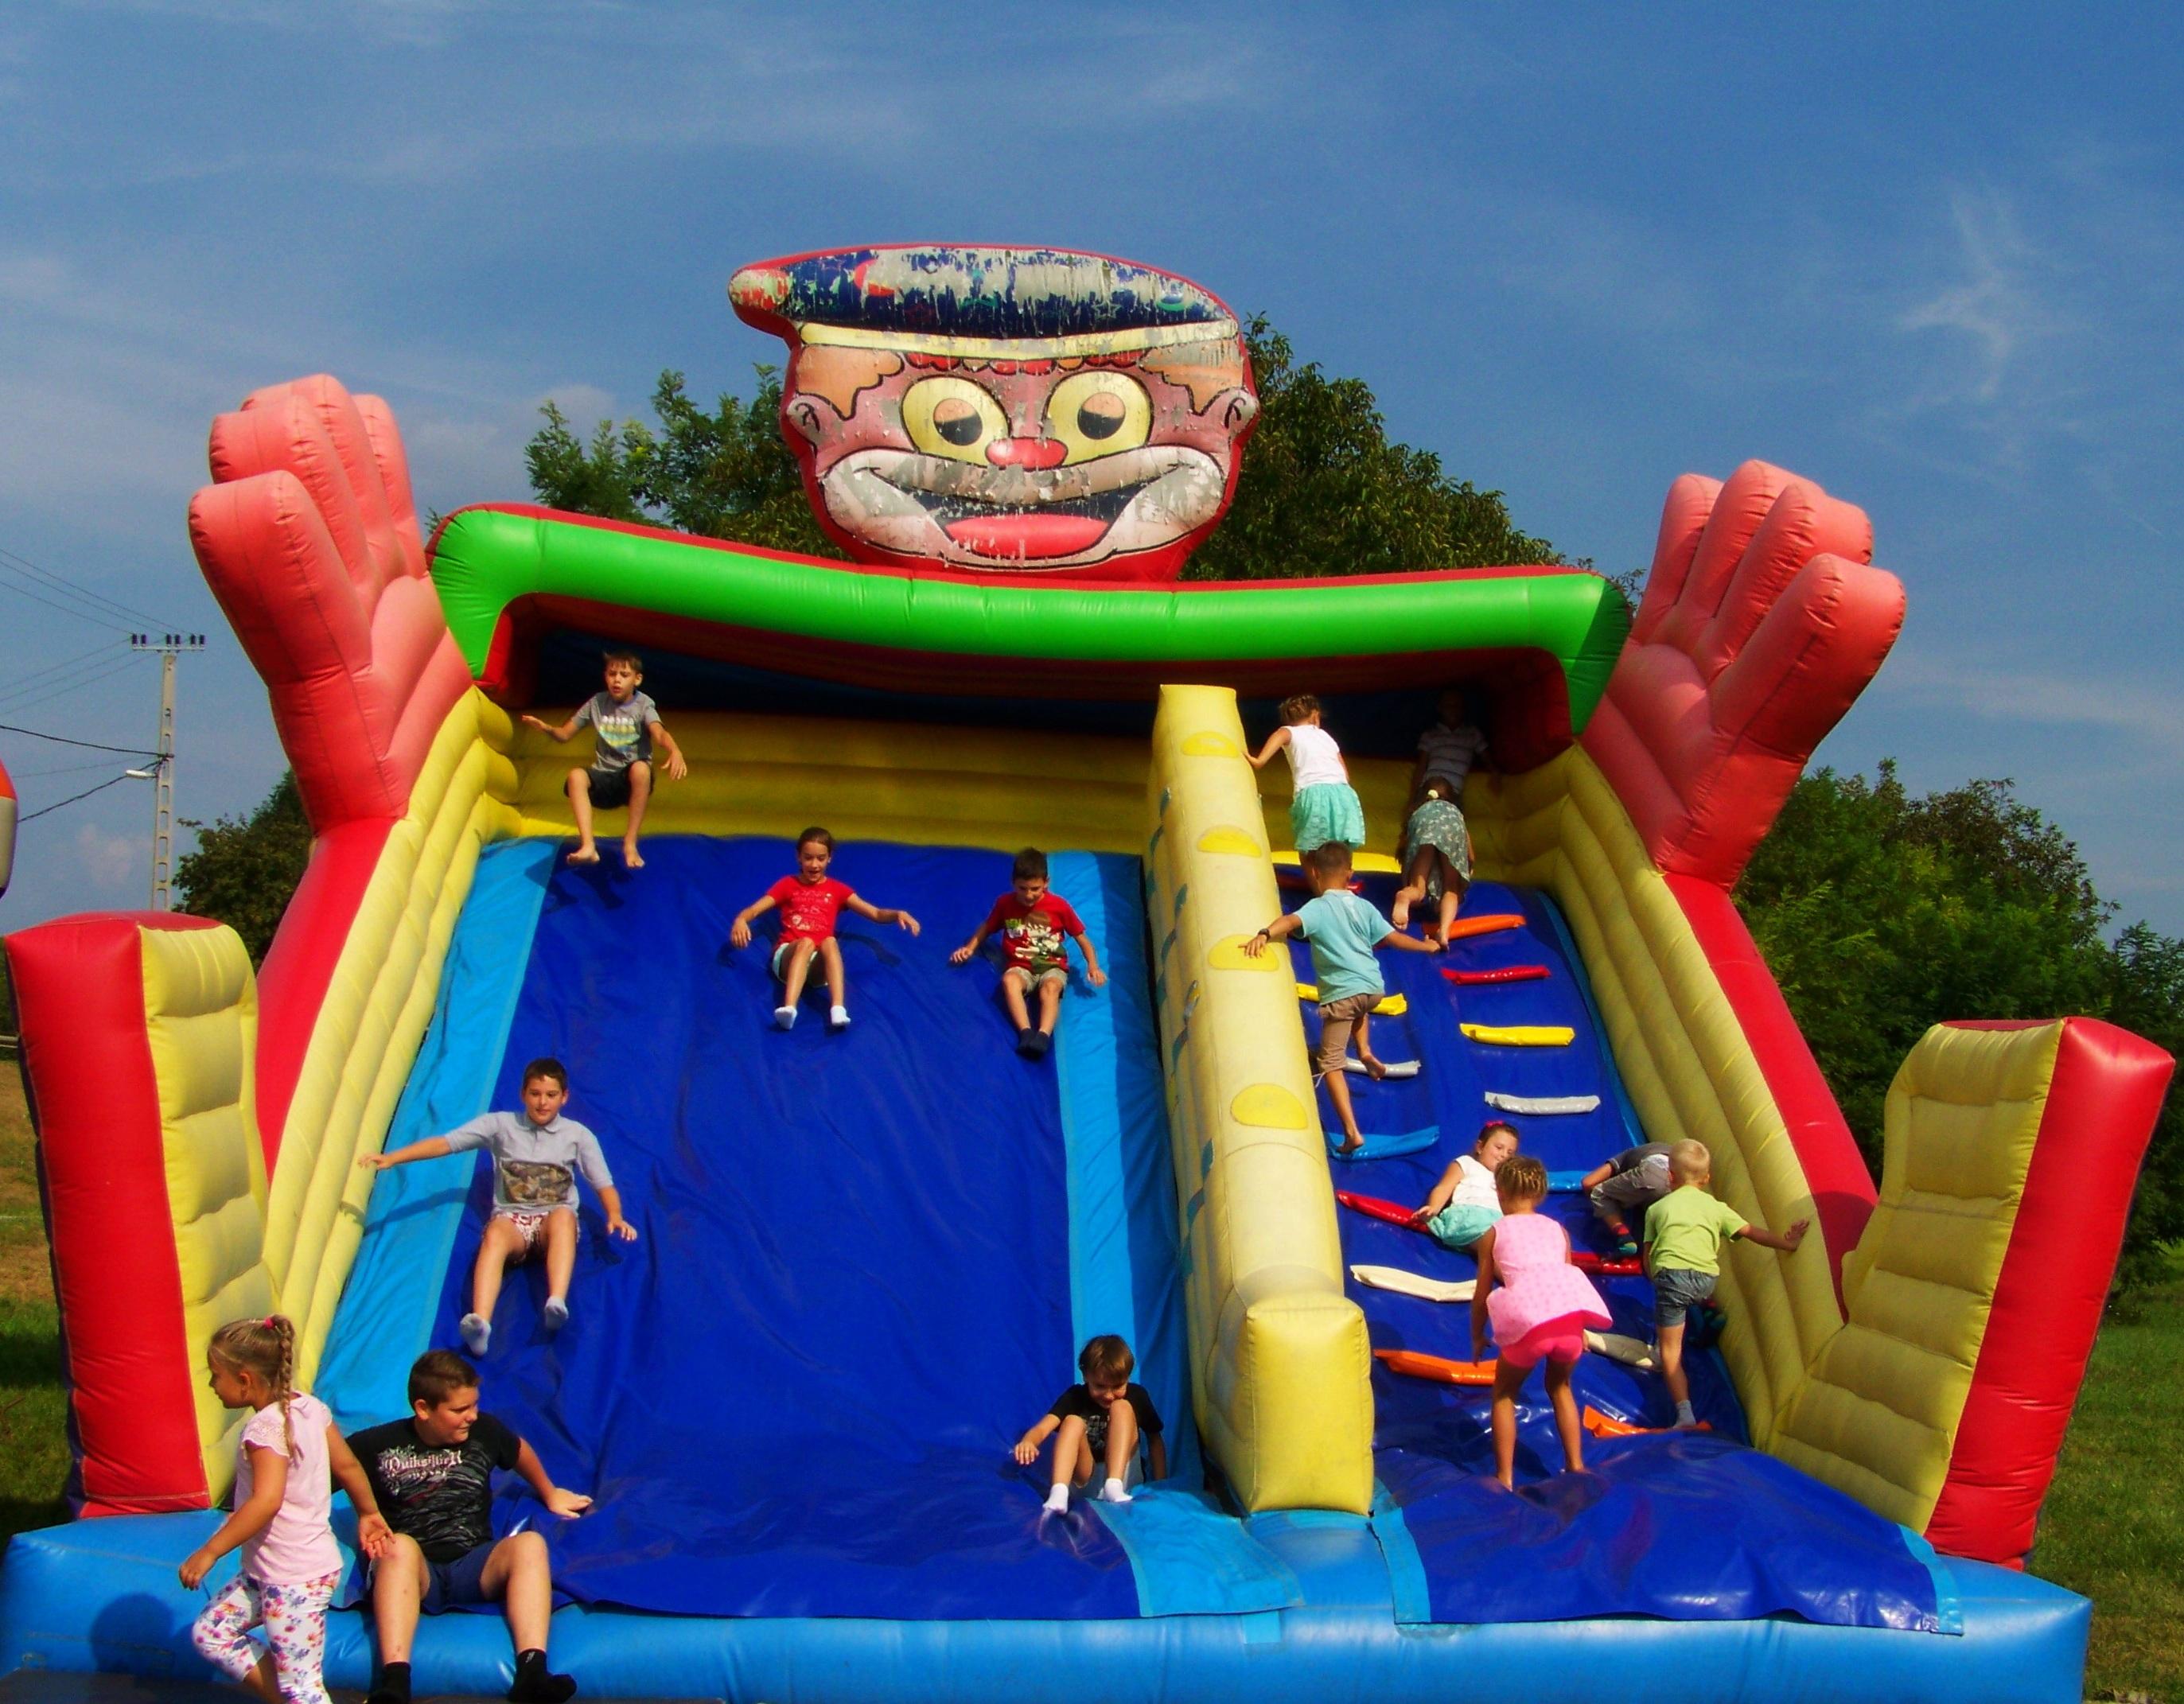 Fotos Gratis Jugar Recreacion Saltando Parque De Atracciones